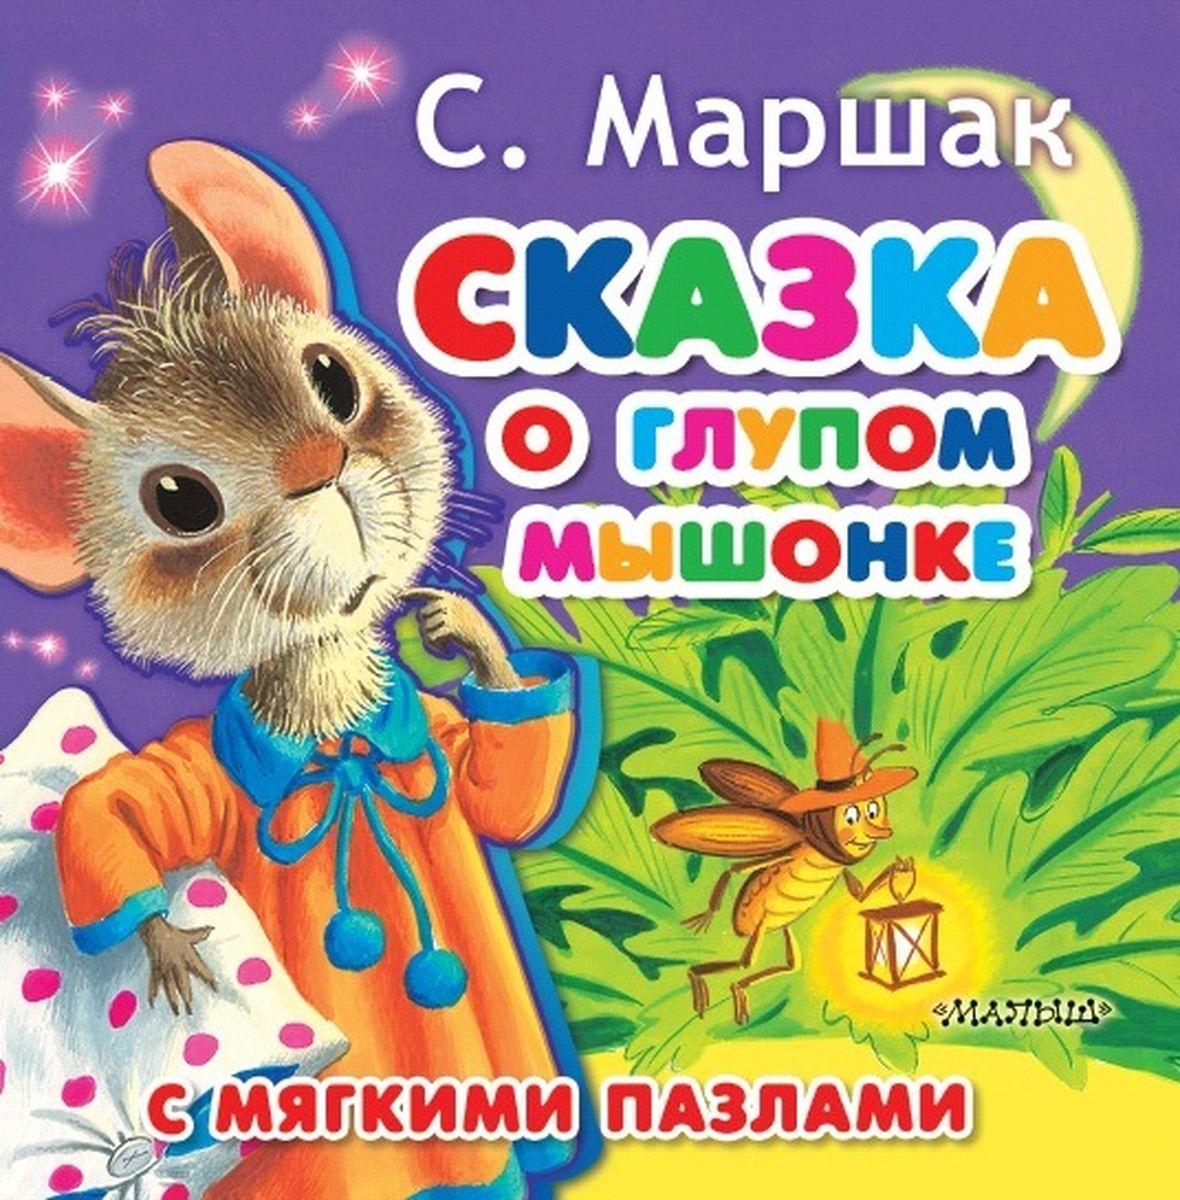 С. Я. Маршак Сказка о глупом мышонке